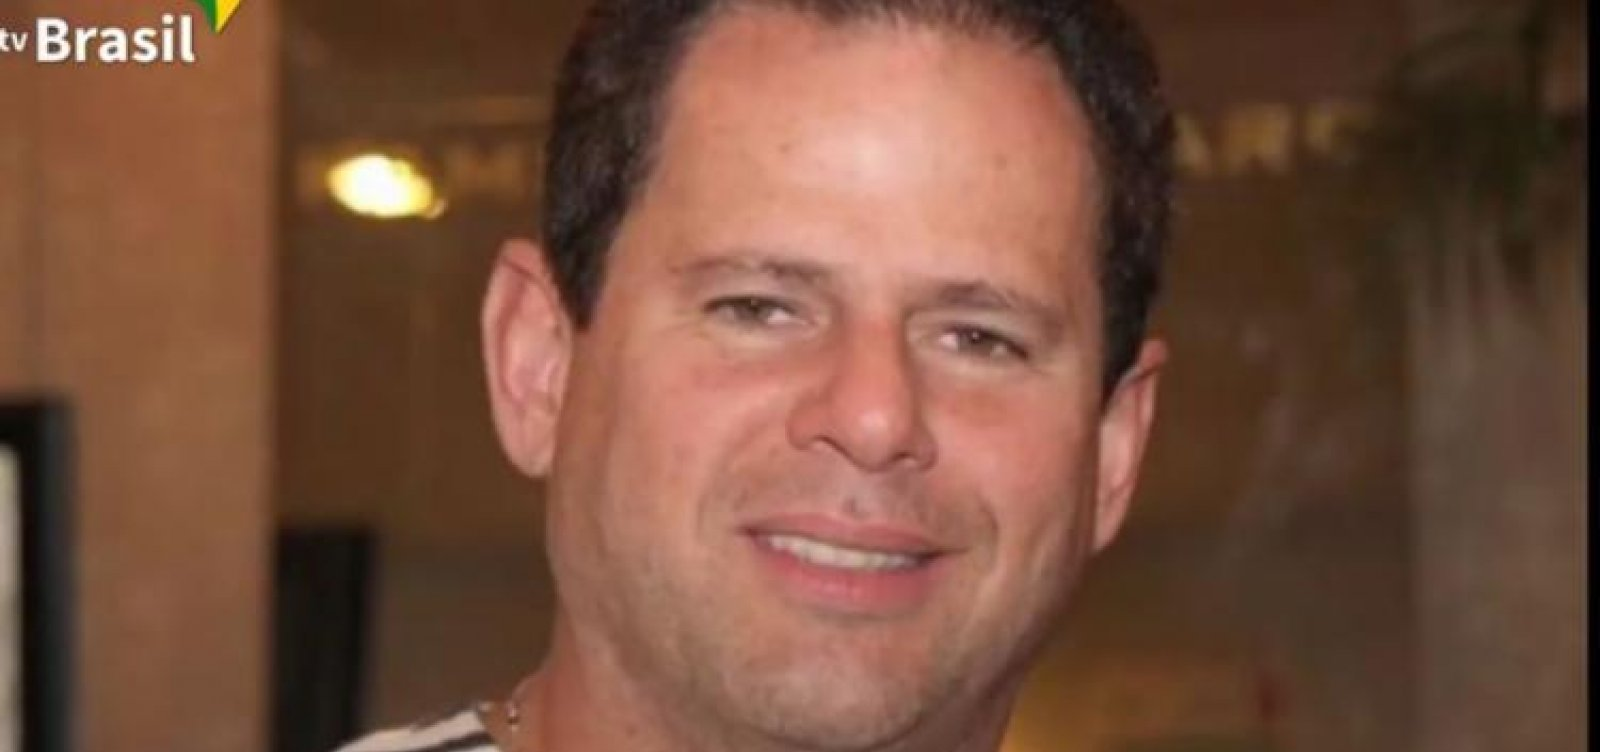 Ministro do STJ concede prisão domiciliar ao doleiro Dario Messer por causa do coronavírus